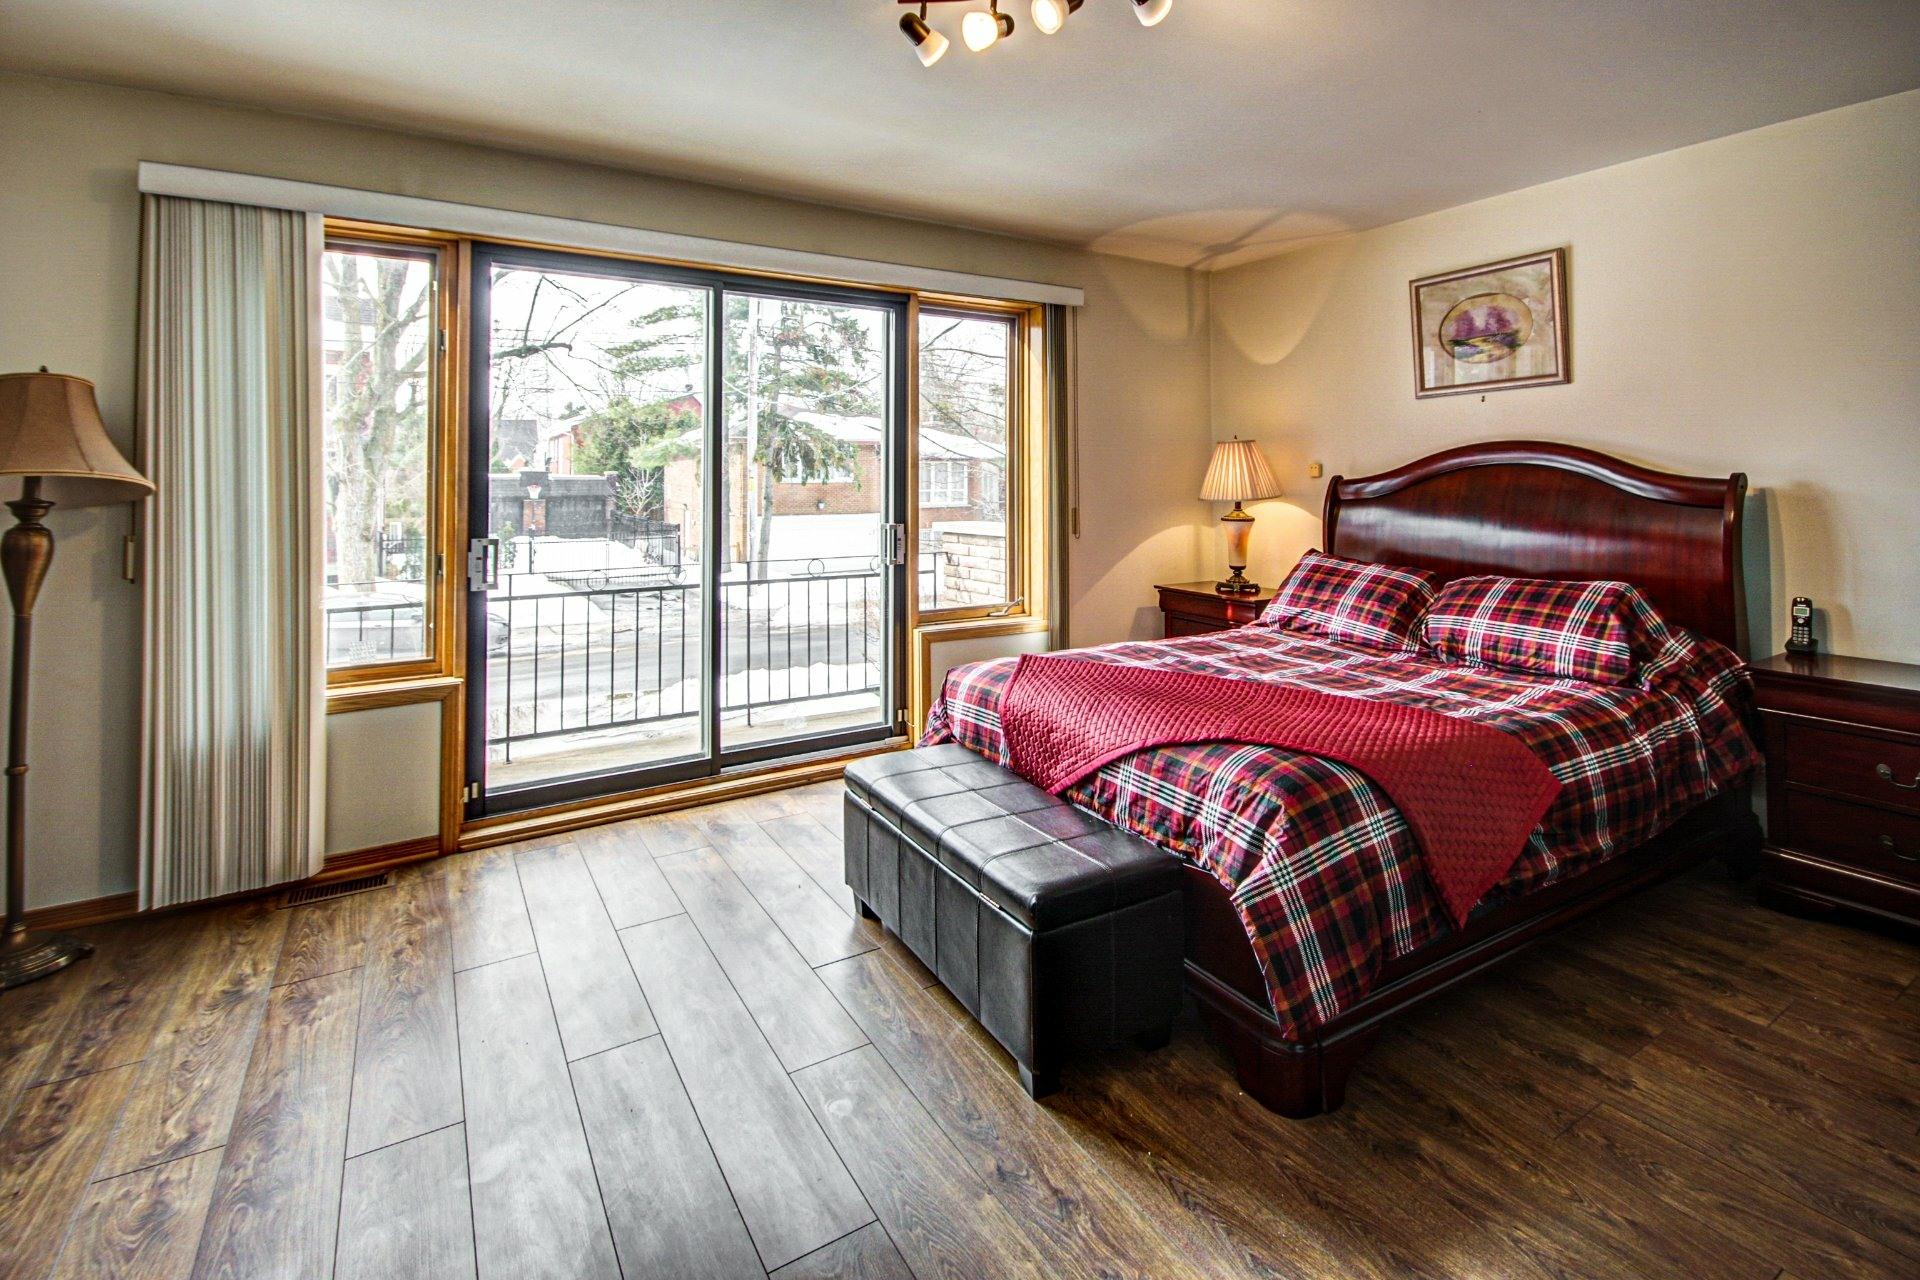 image 15 - Maison À vendre Côte-des-Neiges/Notre-Dame-de-Grâce Montréal